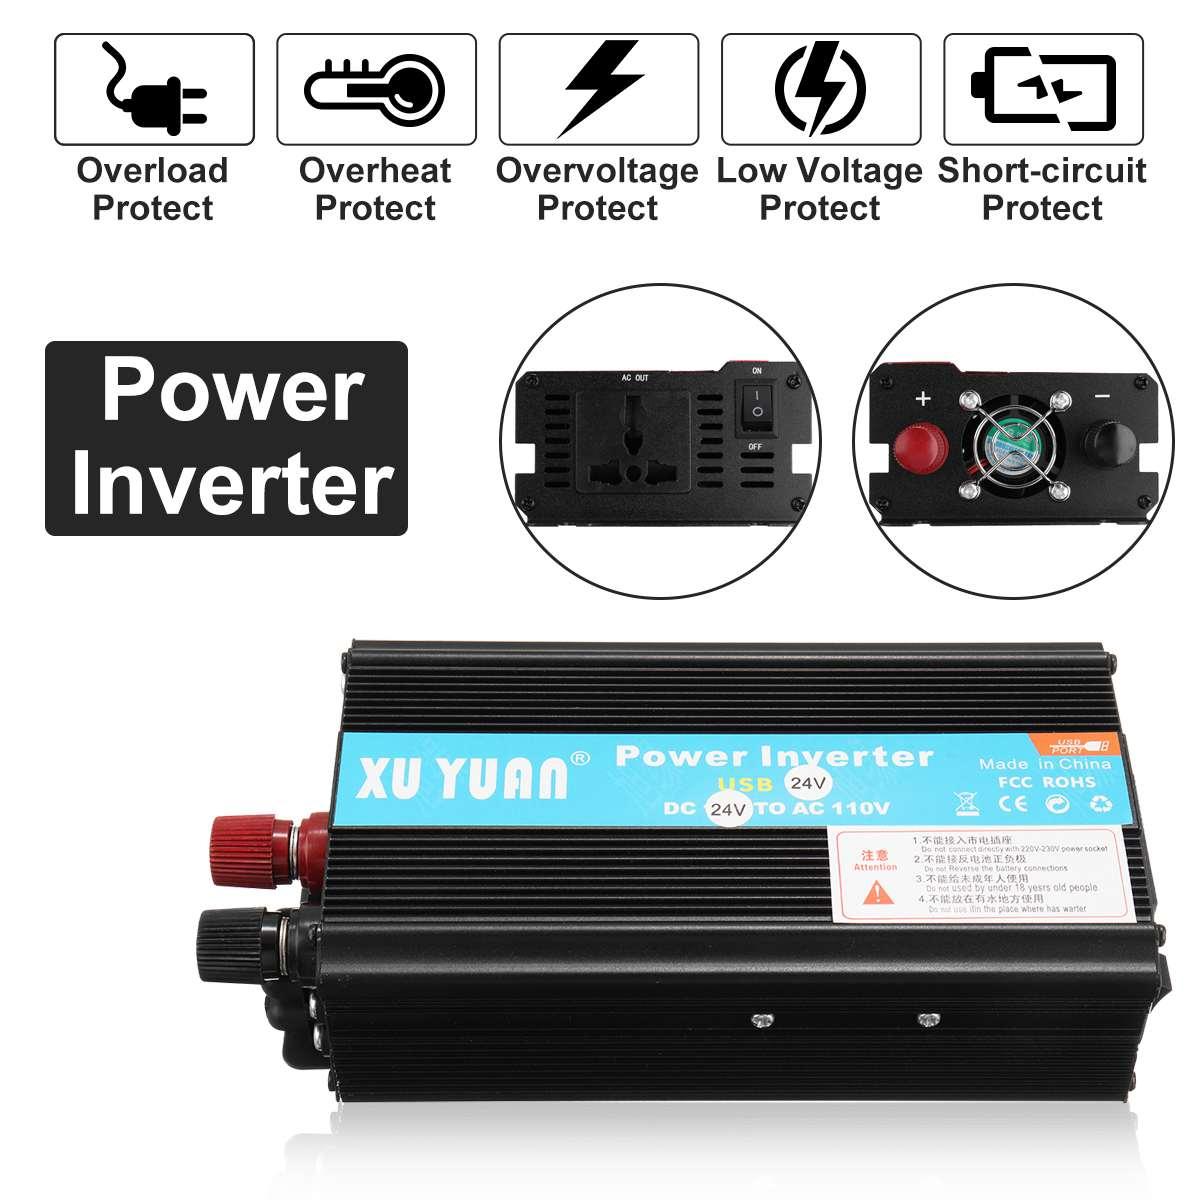 12V 220V 4000W inwerter słoneczny P eak transformator napięcia konwerter DC 12V do AC 220V falownik samochodowy nadaje się do akumulatora samochodowego